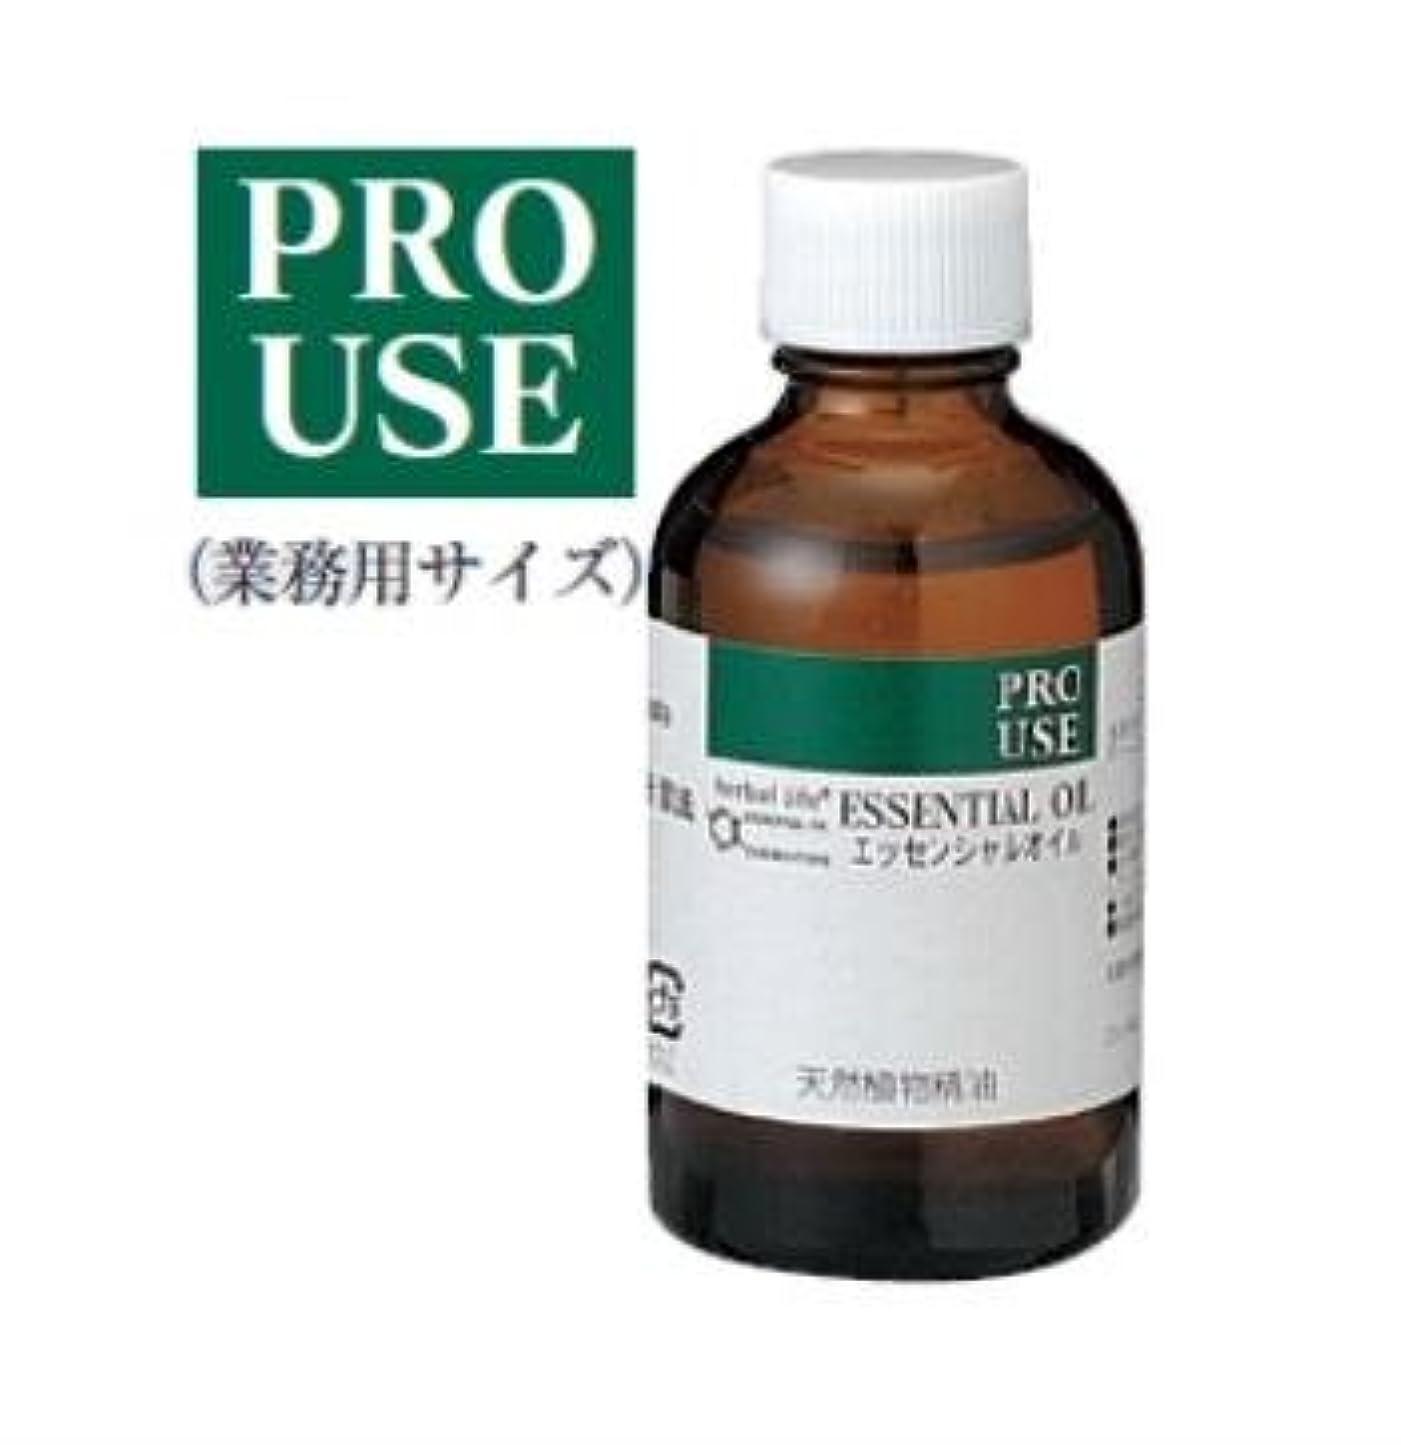 植生変形栄光生活の木 エッセンシャルオイル ティートゥリー 精油 50ml ティーツリー アロマオイル アロマ